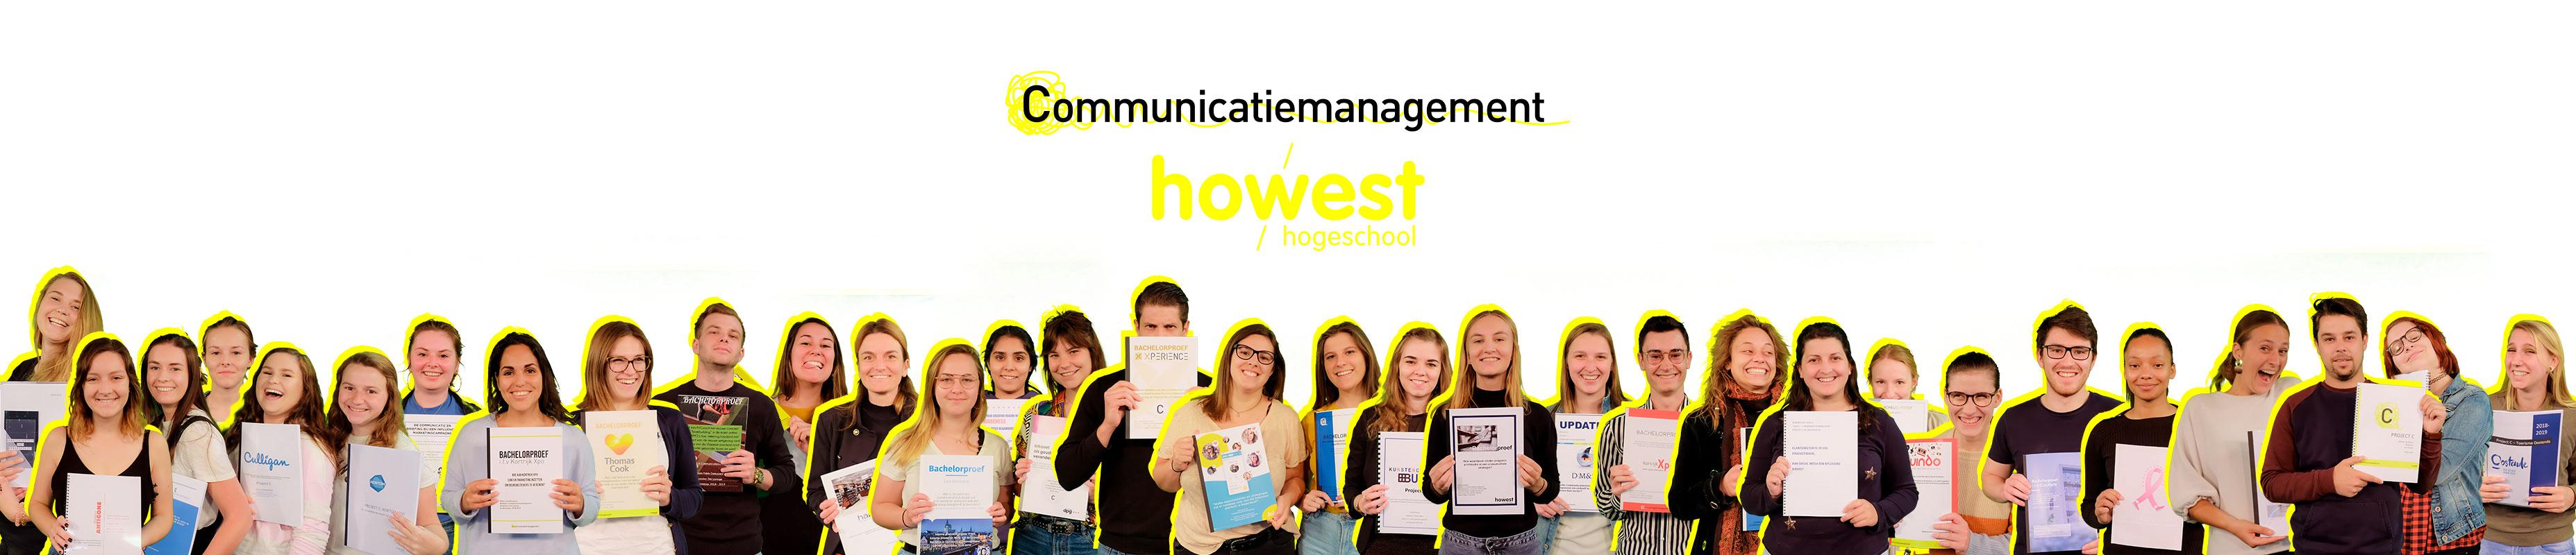 portretten track c derdejaars communicatiemanagement en track C studenten van Howest, hogeschool West-Vlaanderen campus Kortrijk